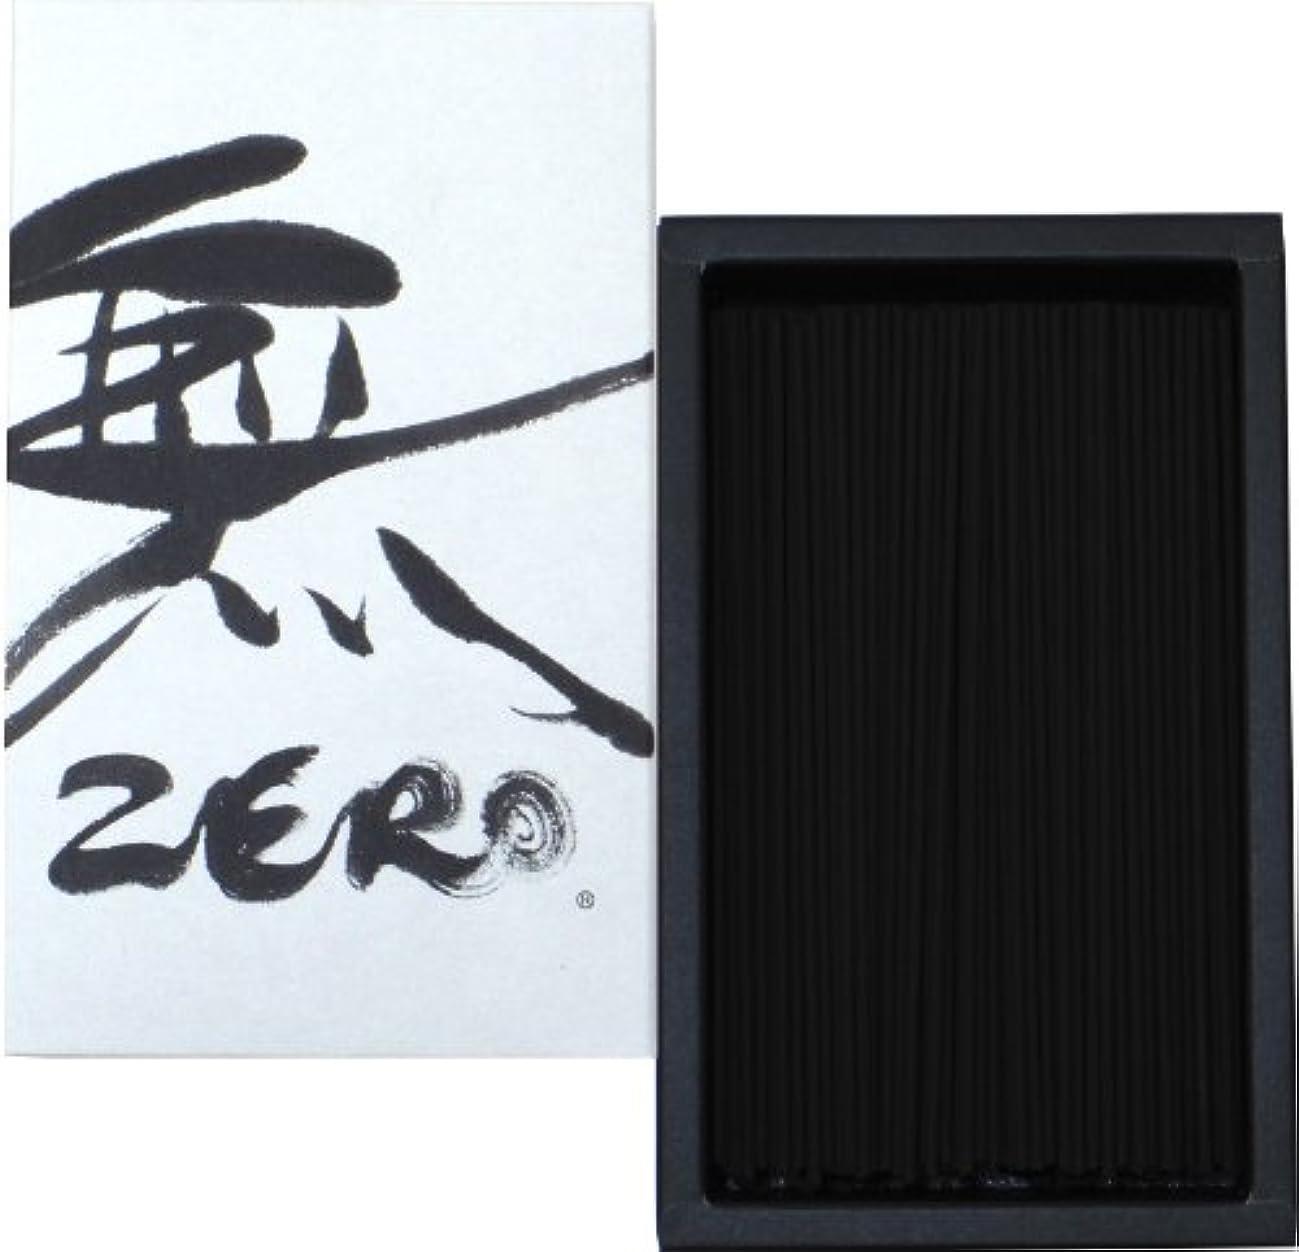 変換するメタン外国人丸叶むらたのお線香 無 ZERO(ゼロ)大バラ 約160g #ZR-01